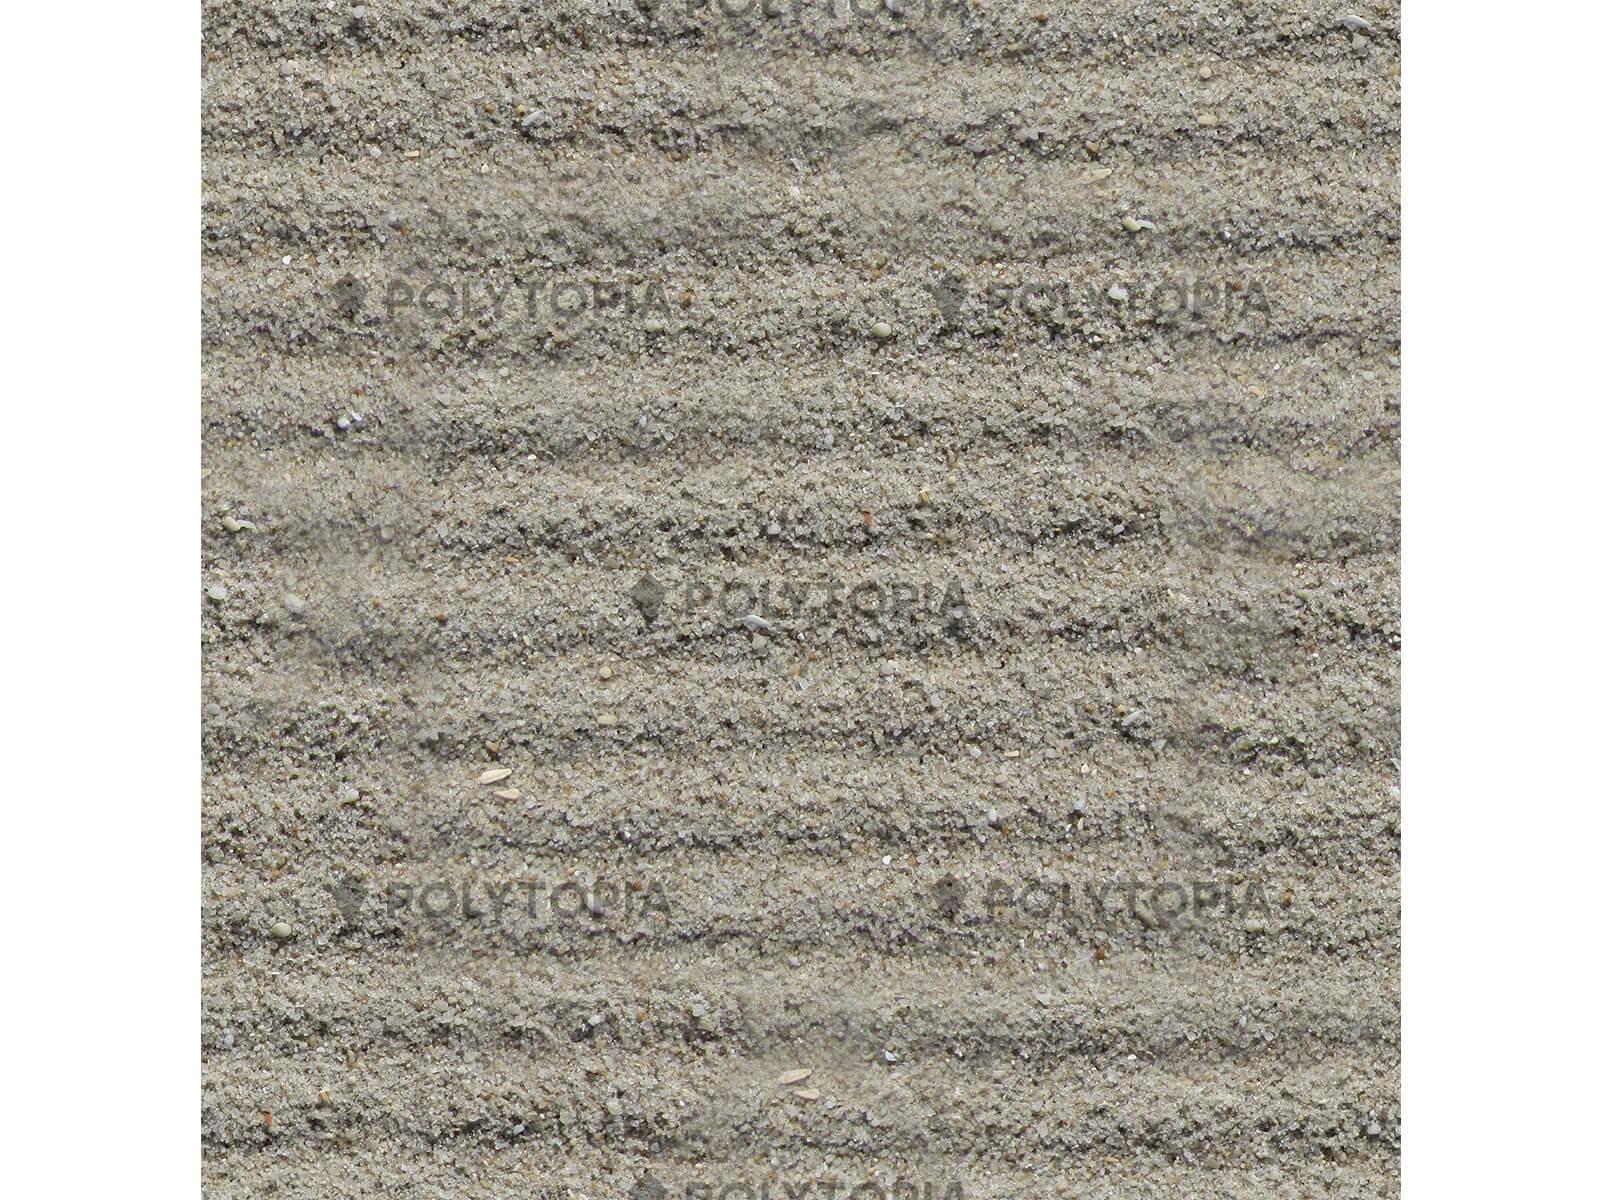 Sand Ground Texture